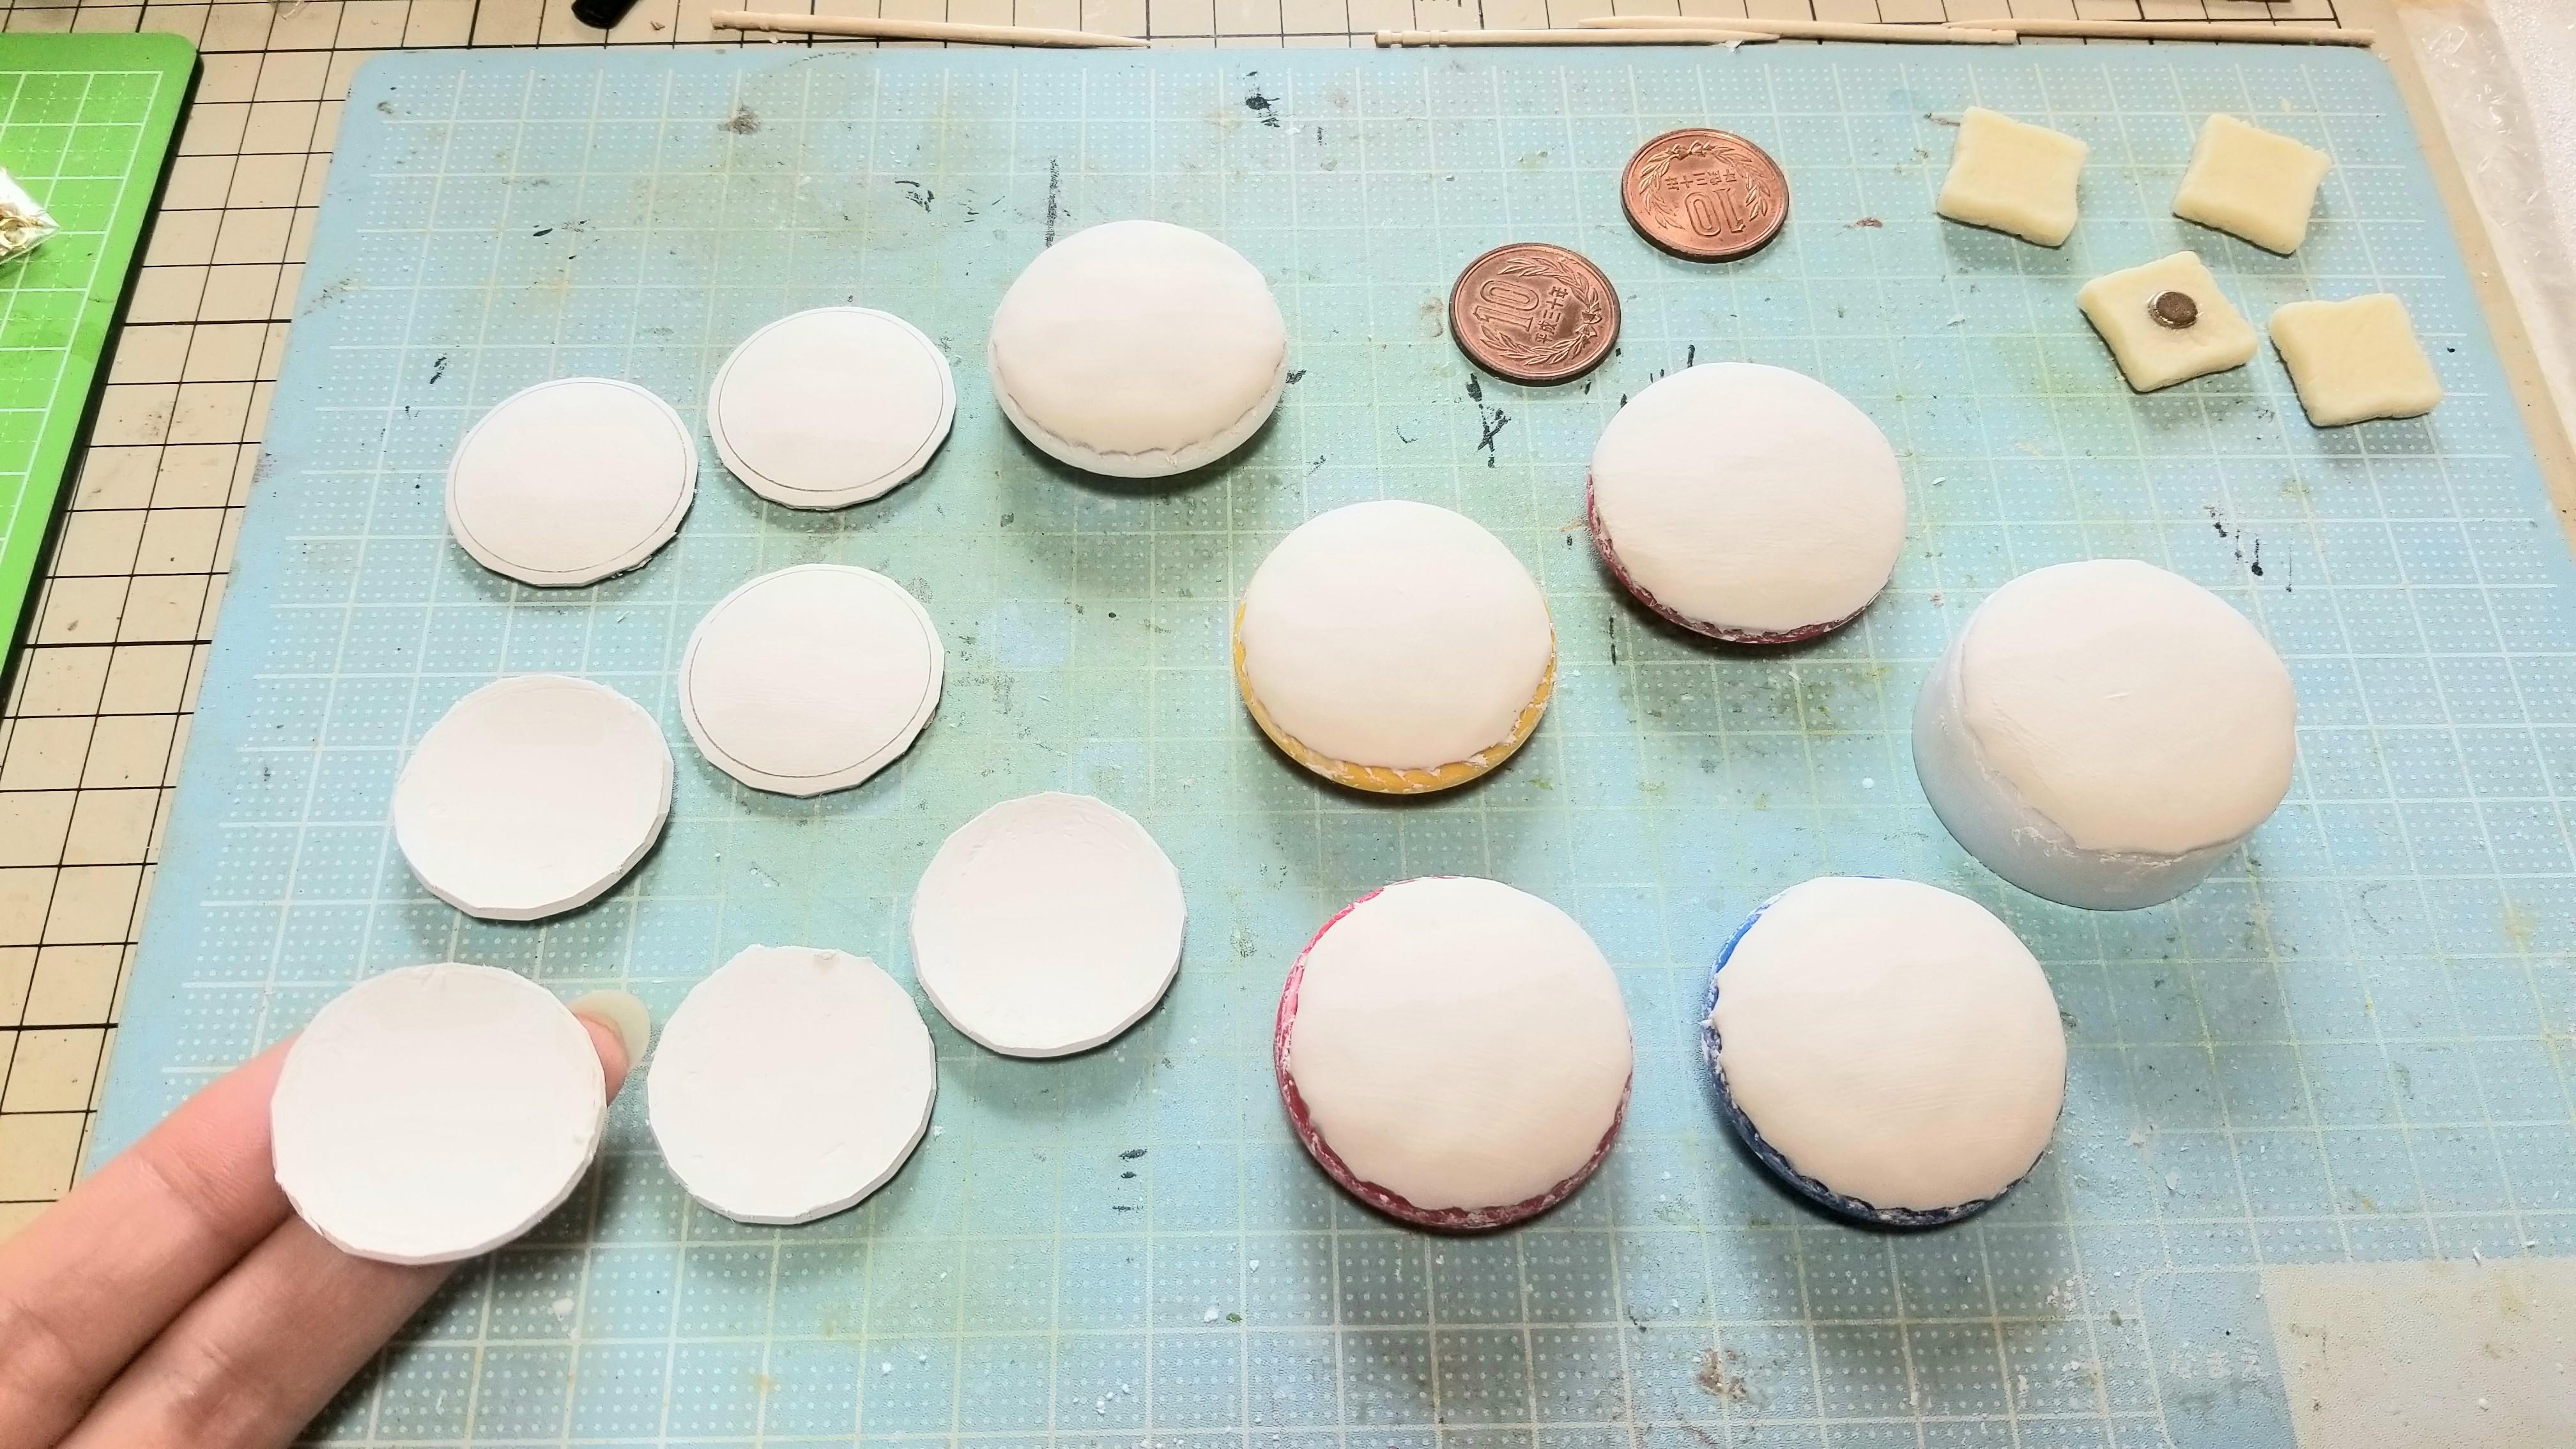 石塑粘土で食器お皿の作り方可愛い手作り小物ハンドメイド自作アート